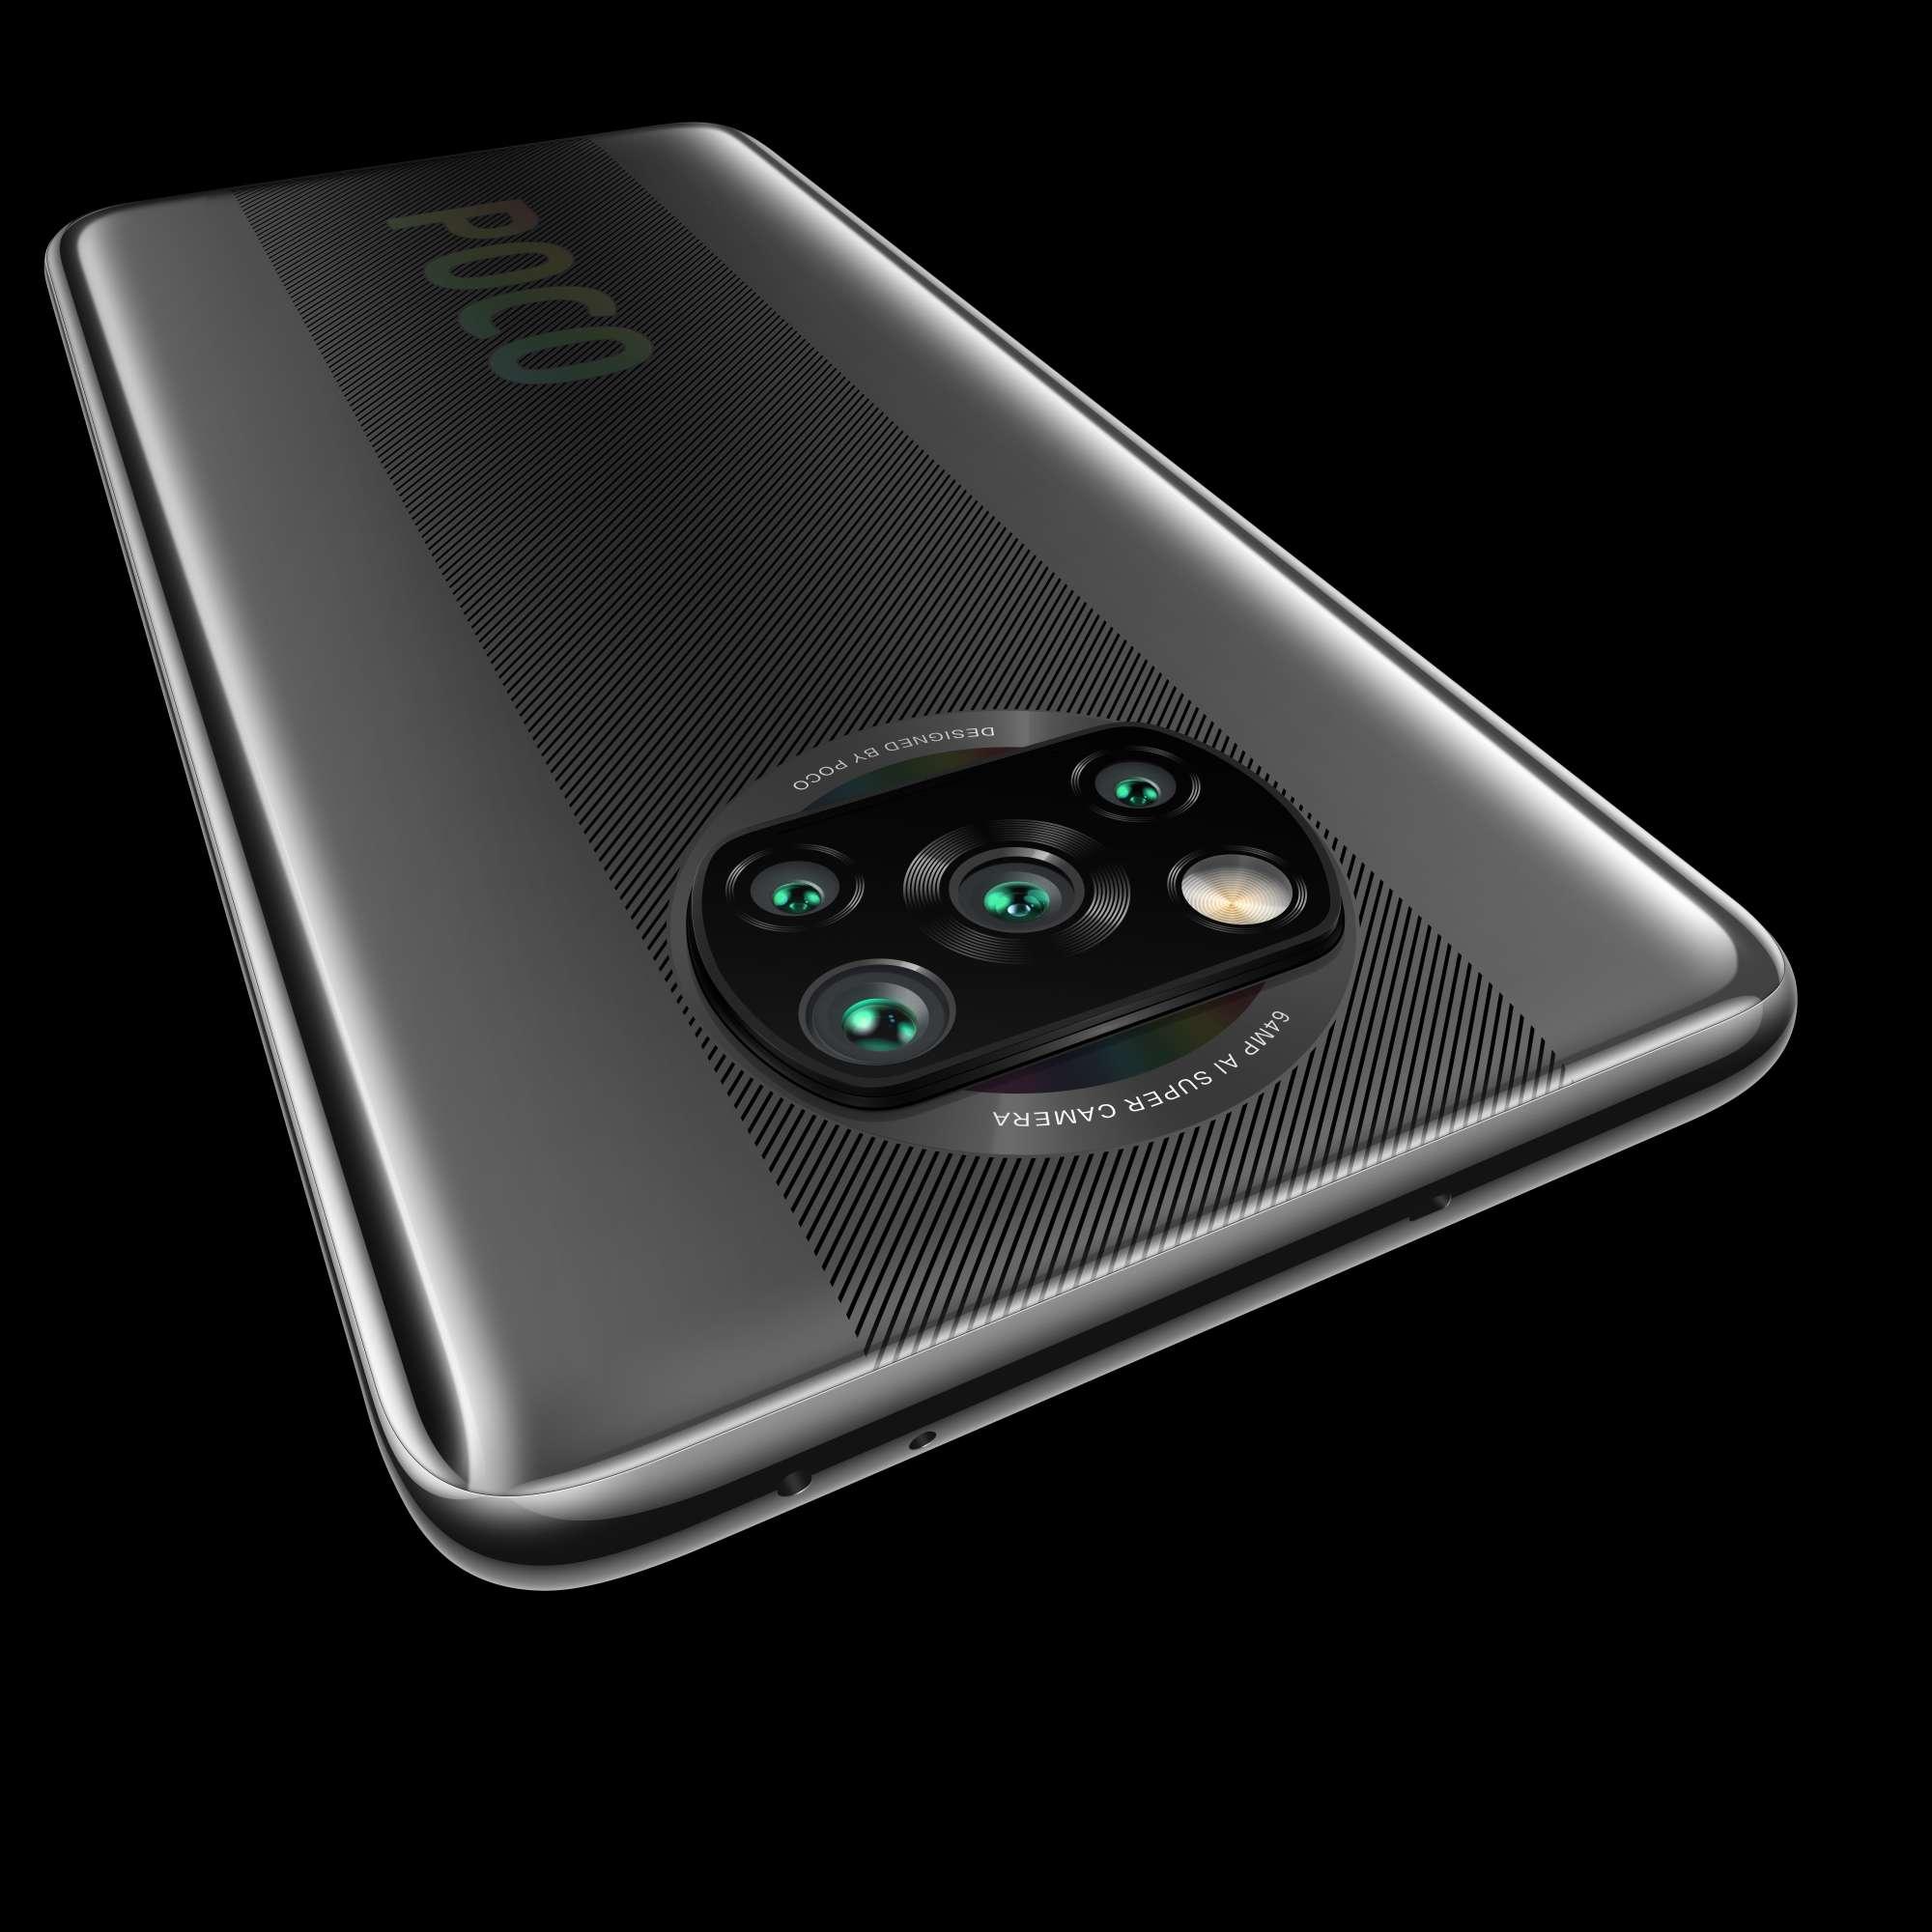 Xiaomi: Neues Poco-Smartphone mit Vierfachkamera kostet 200 Euro - Das Poco X3 NFC hat eine Vierfachkamera. (Bild: Xiaomi)